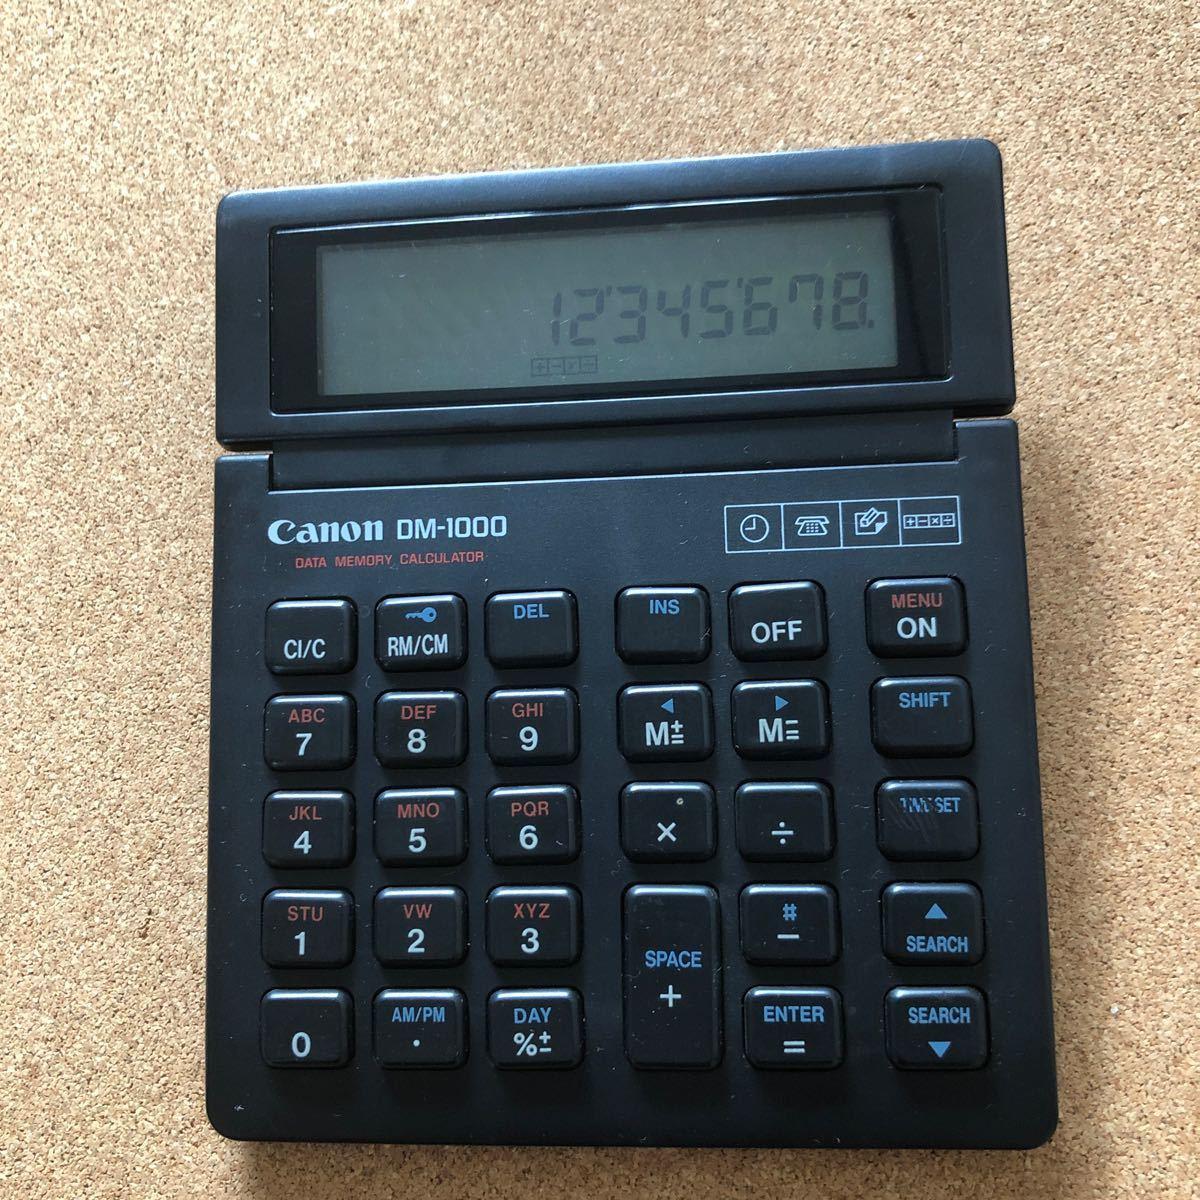 電卓 キャノン DM-1000  計算機 Canon 古い機種 レトロ